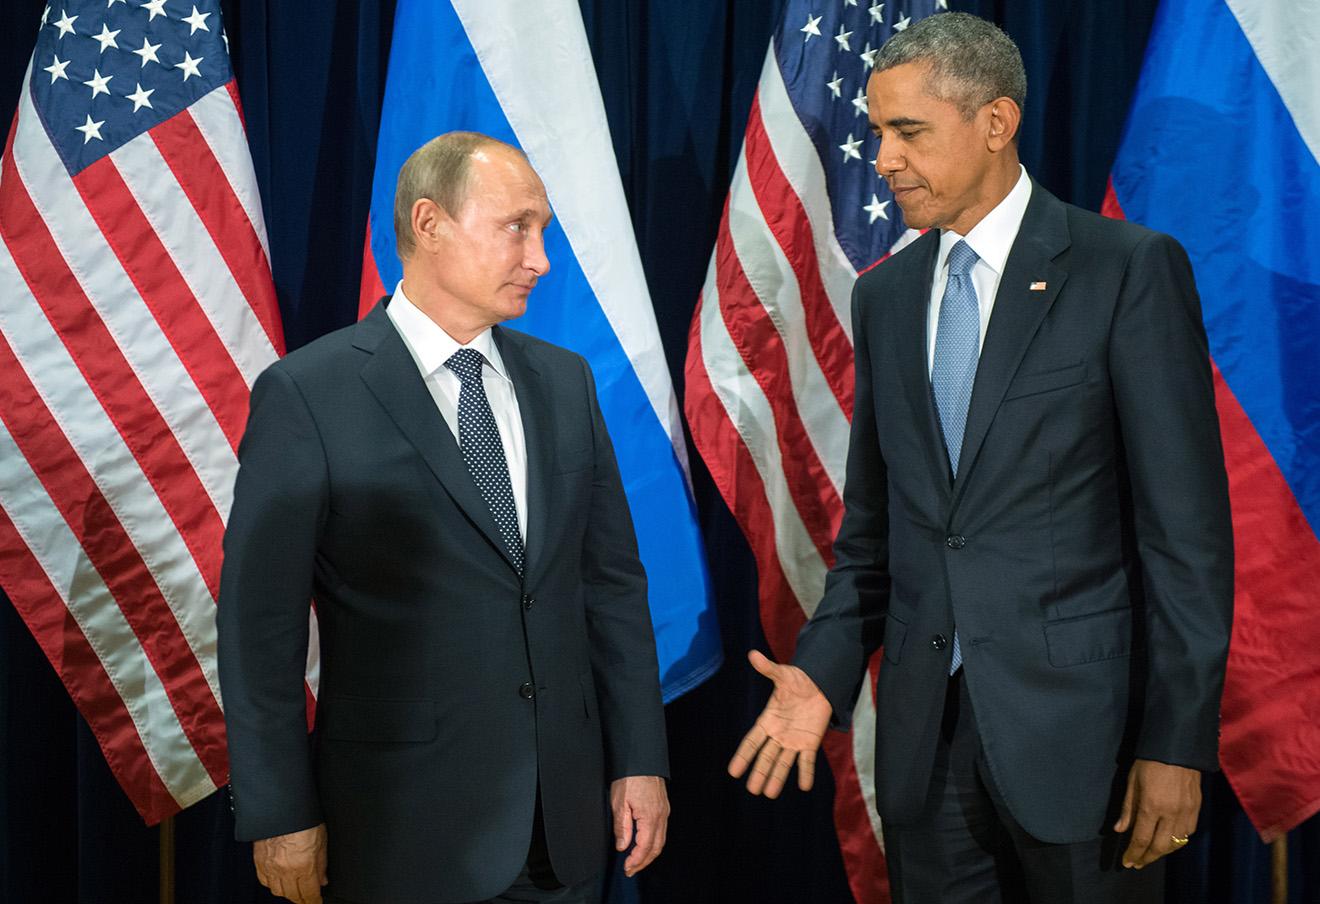 Владимир Путин и Барак Обама во время встречи после 70-й сессии Генеральной Ассамблеи ООН.